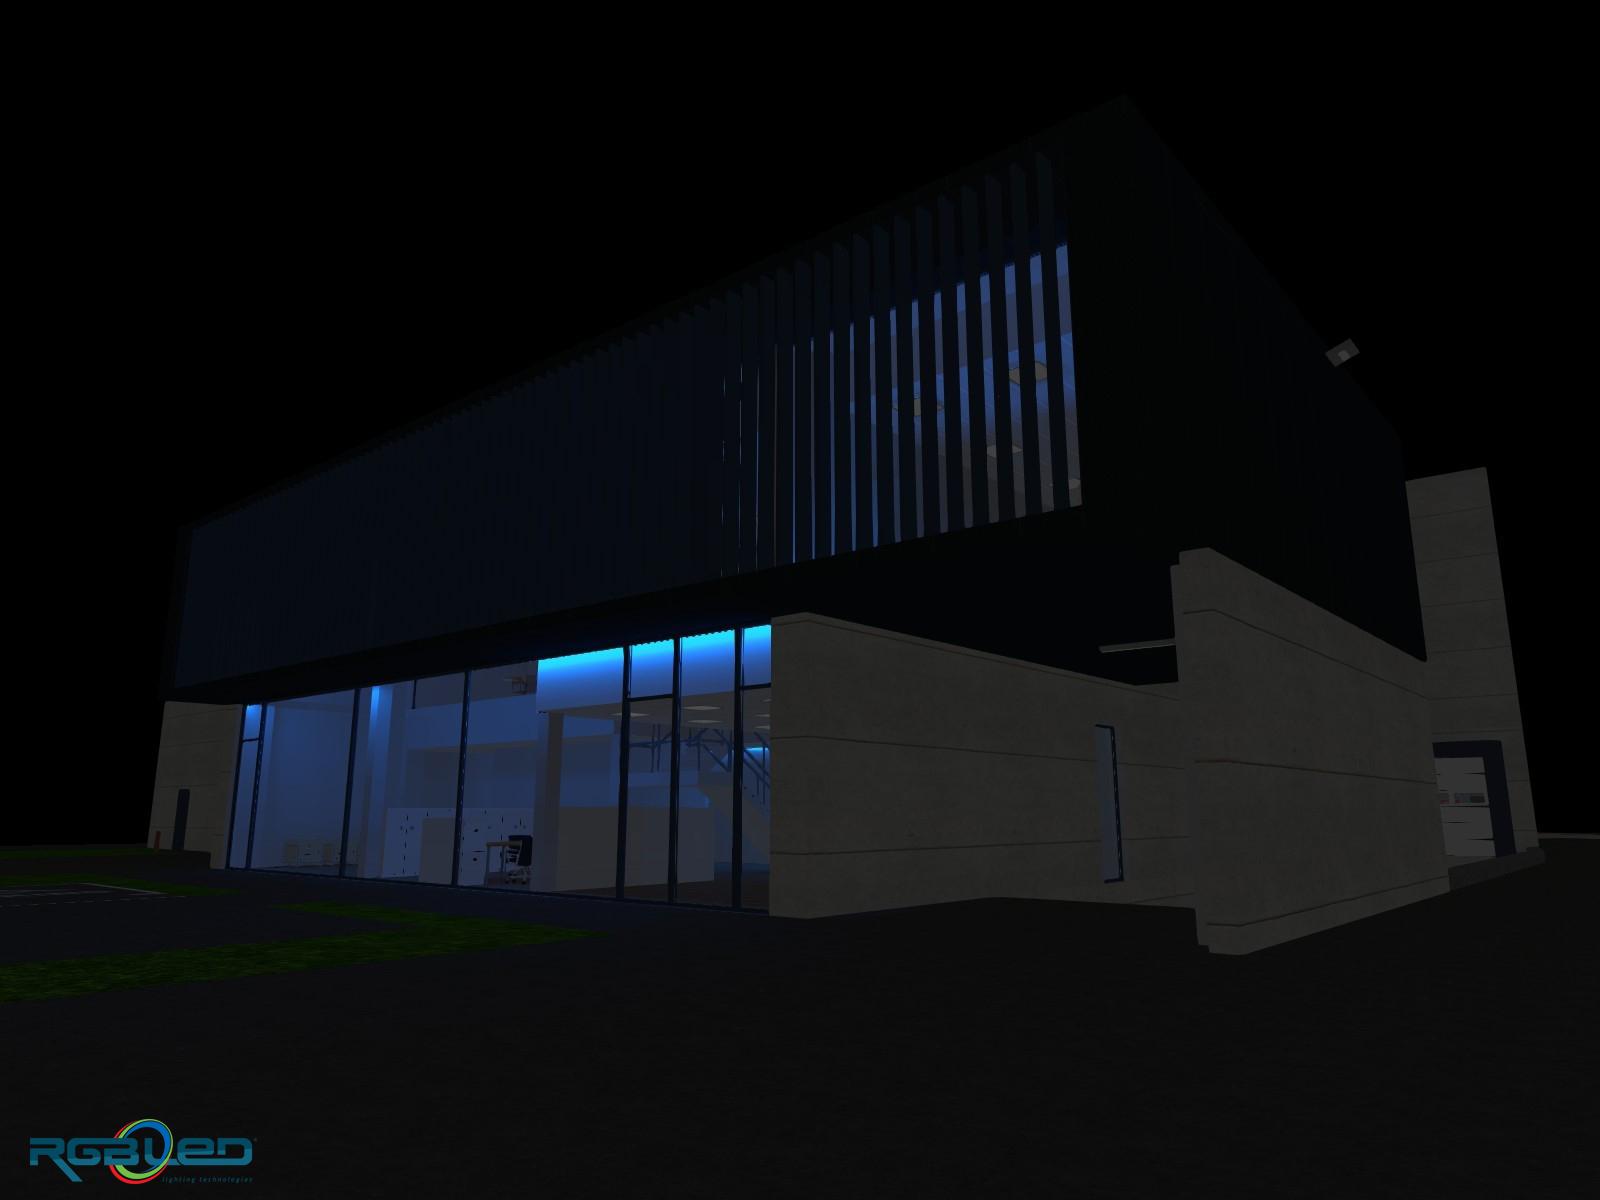 Wimpau – Terrein – 03 nacht